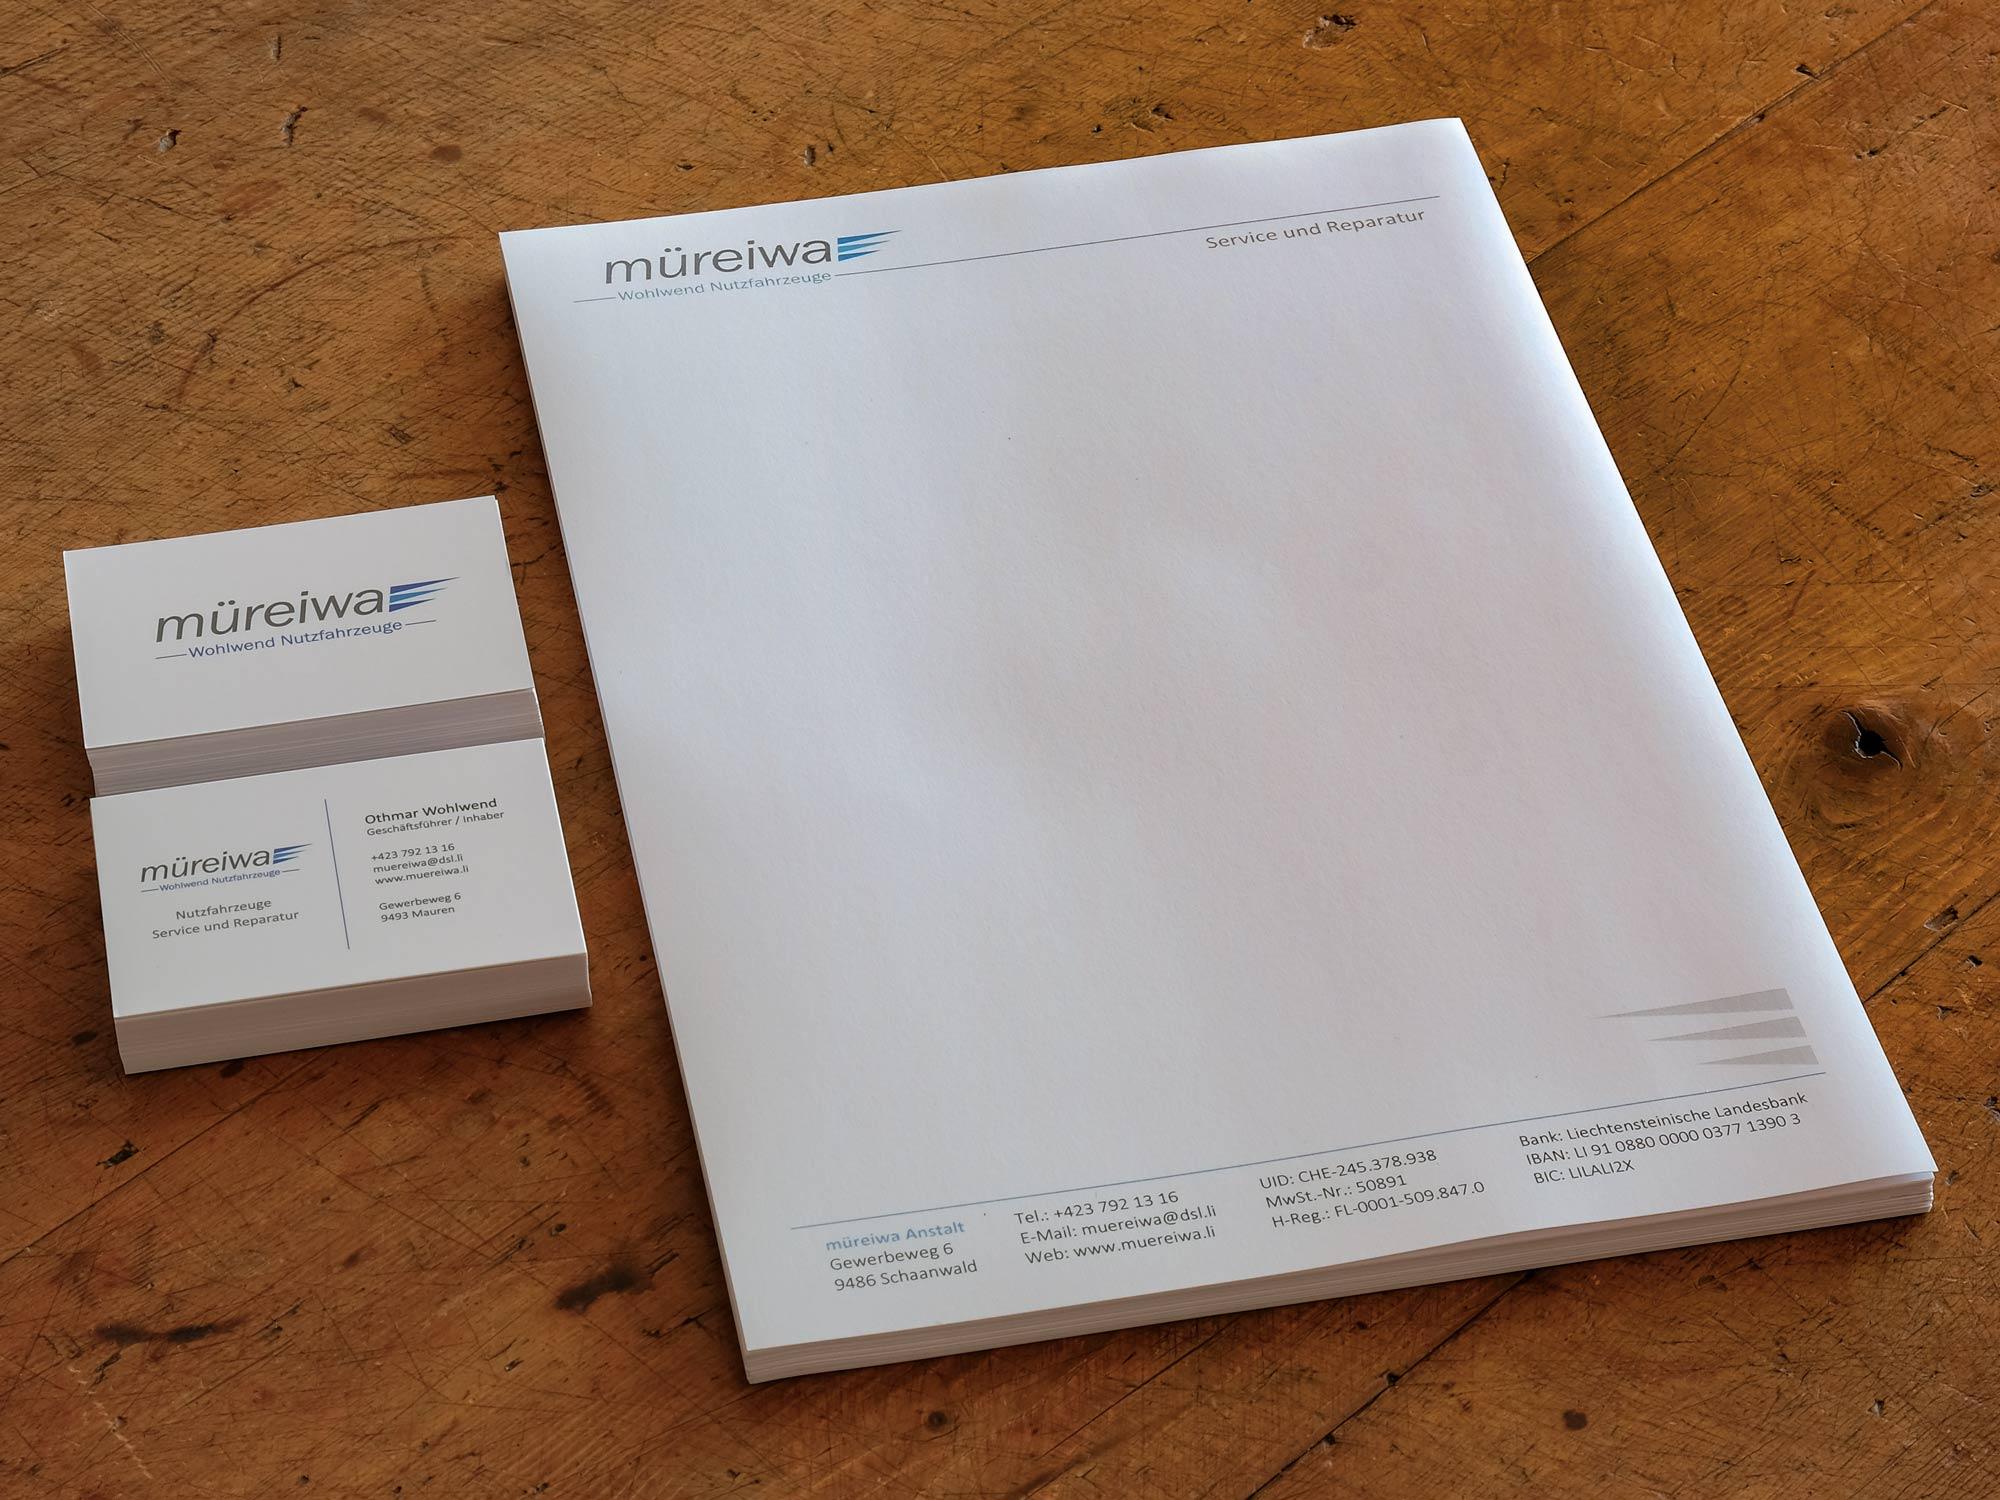 müreiwa Anstalt - Visitenkarten und Briefpapier